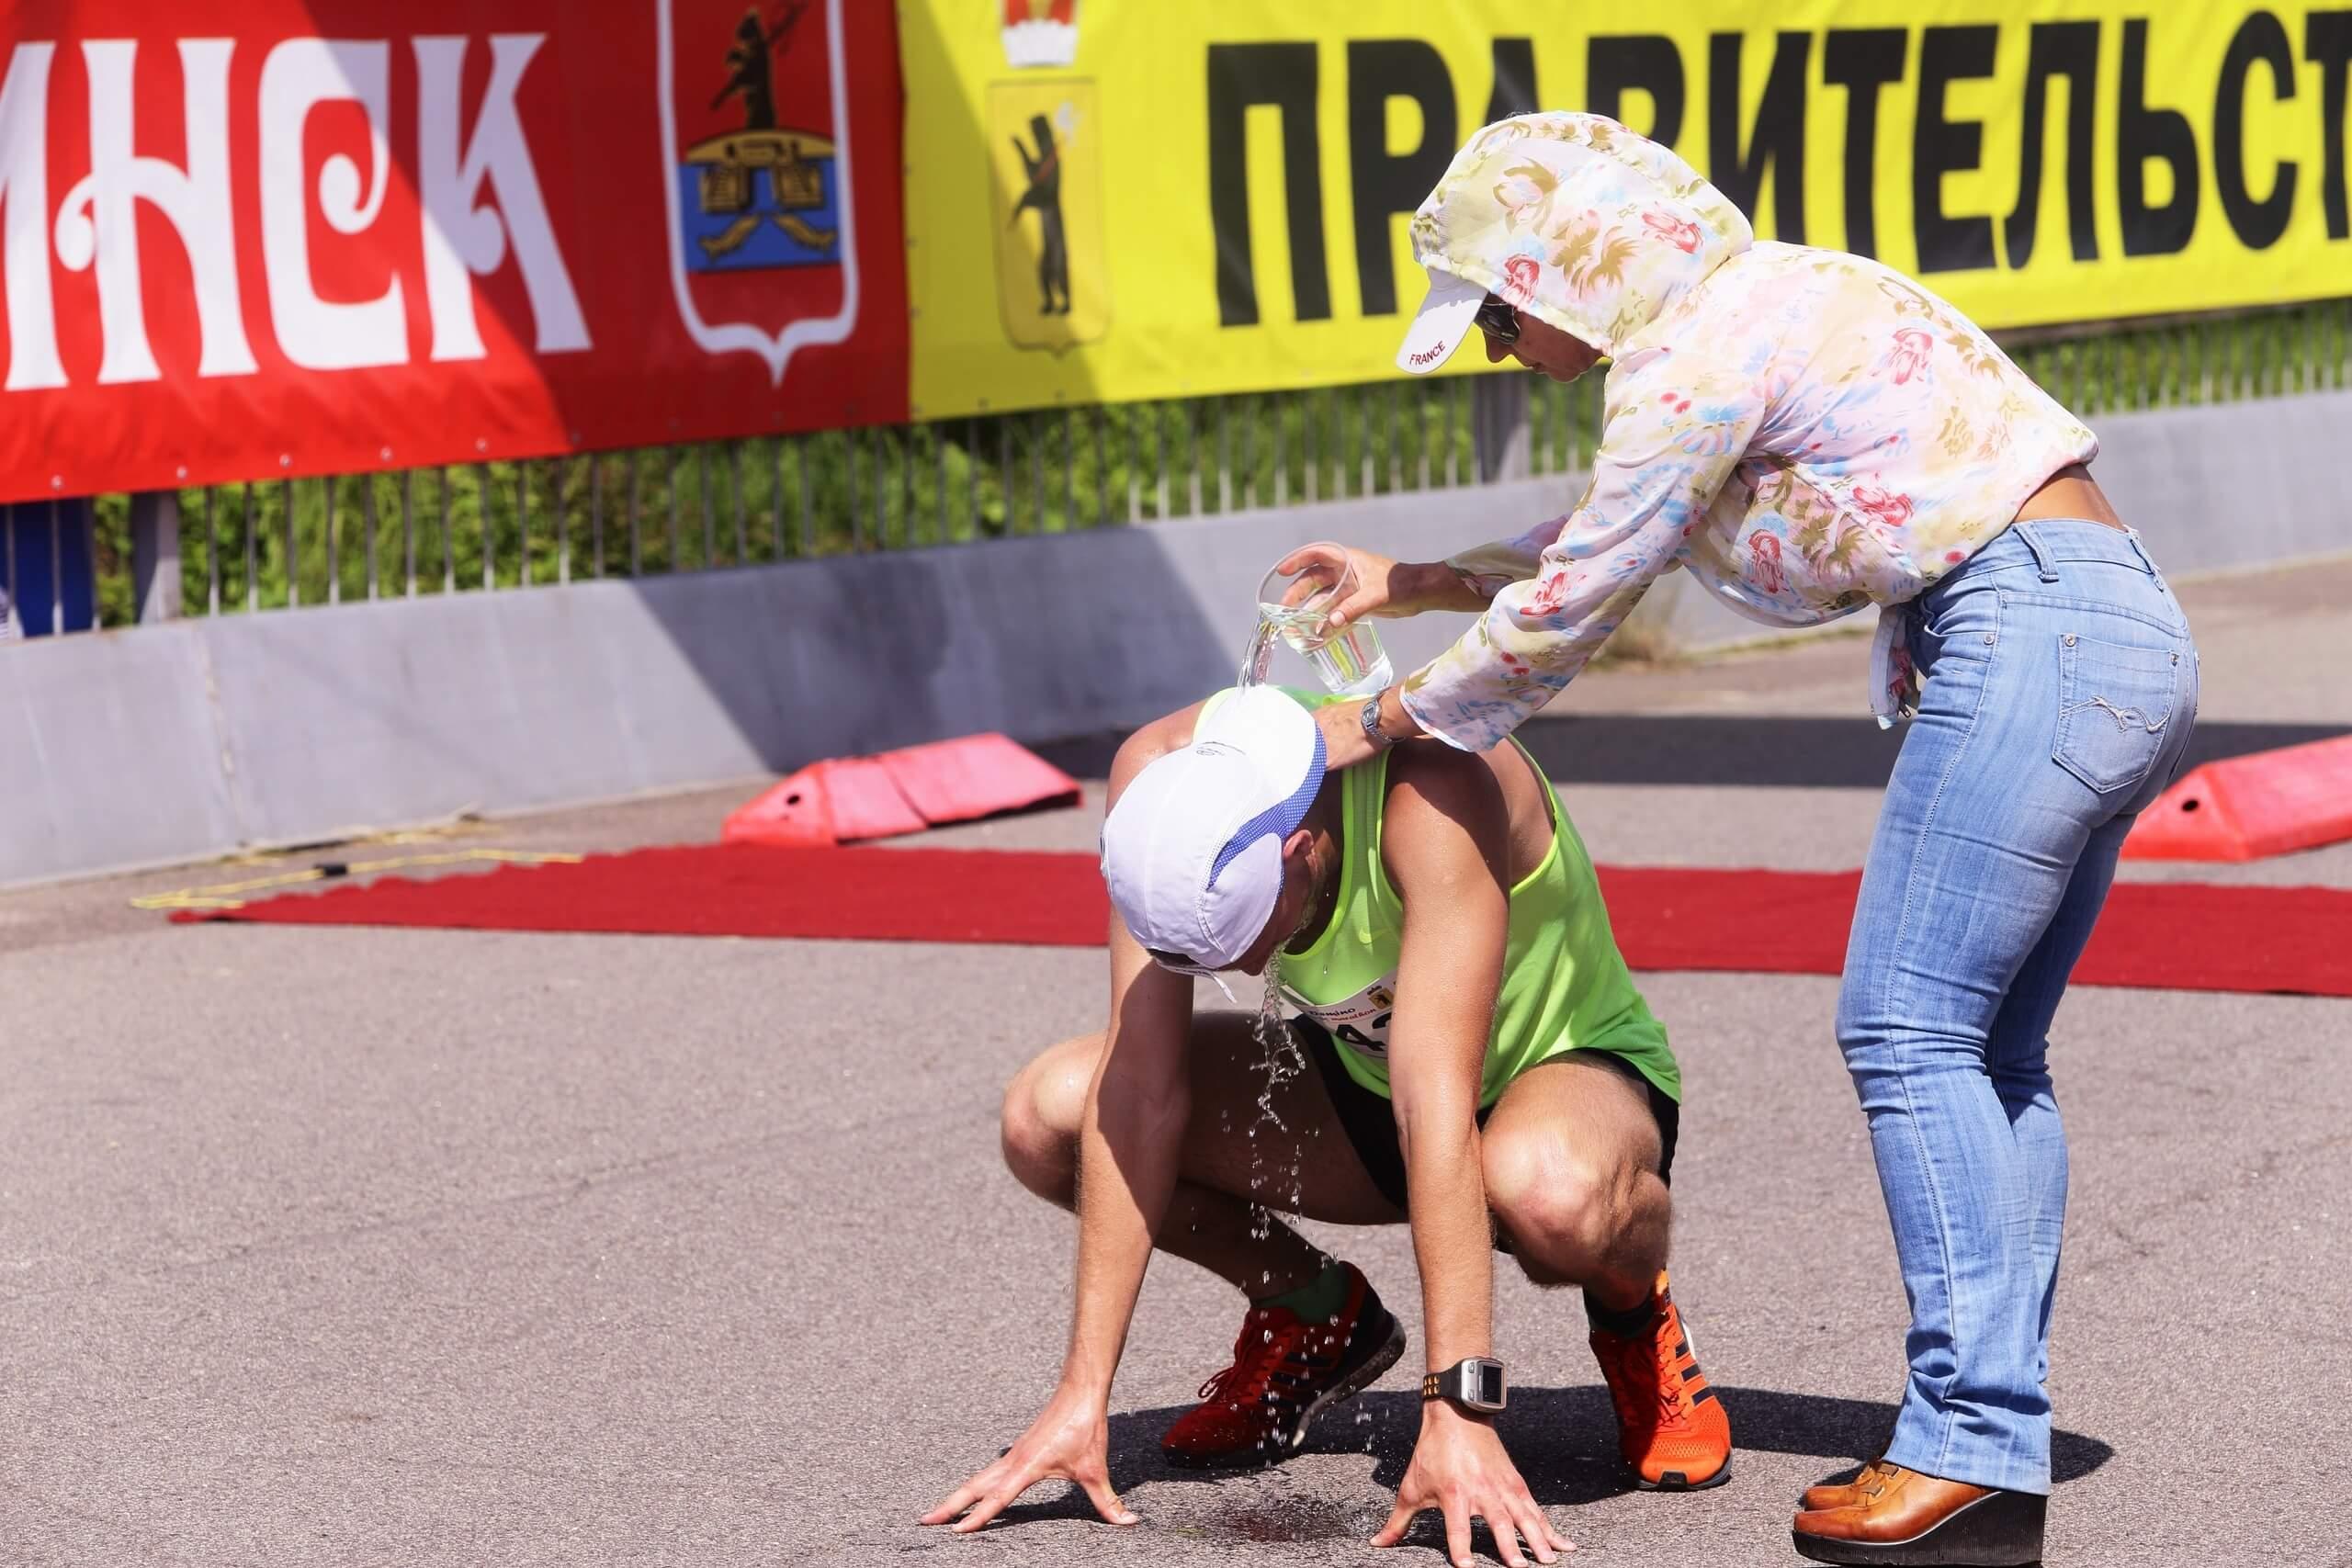 Фото спортсмена - Деминский кросс-кантри беговой полумарафон 2018